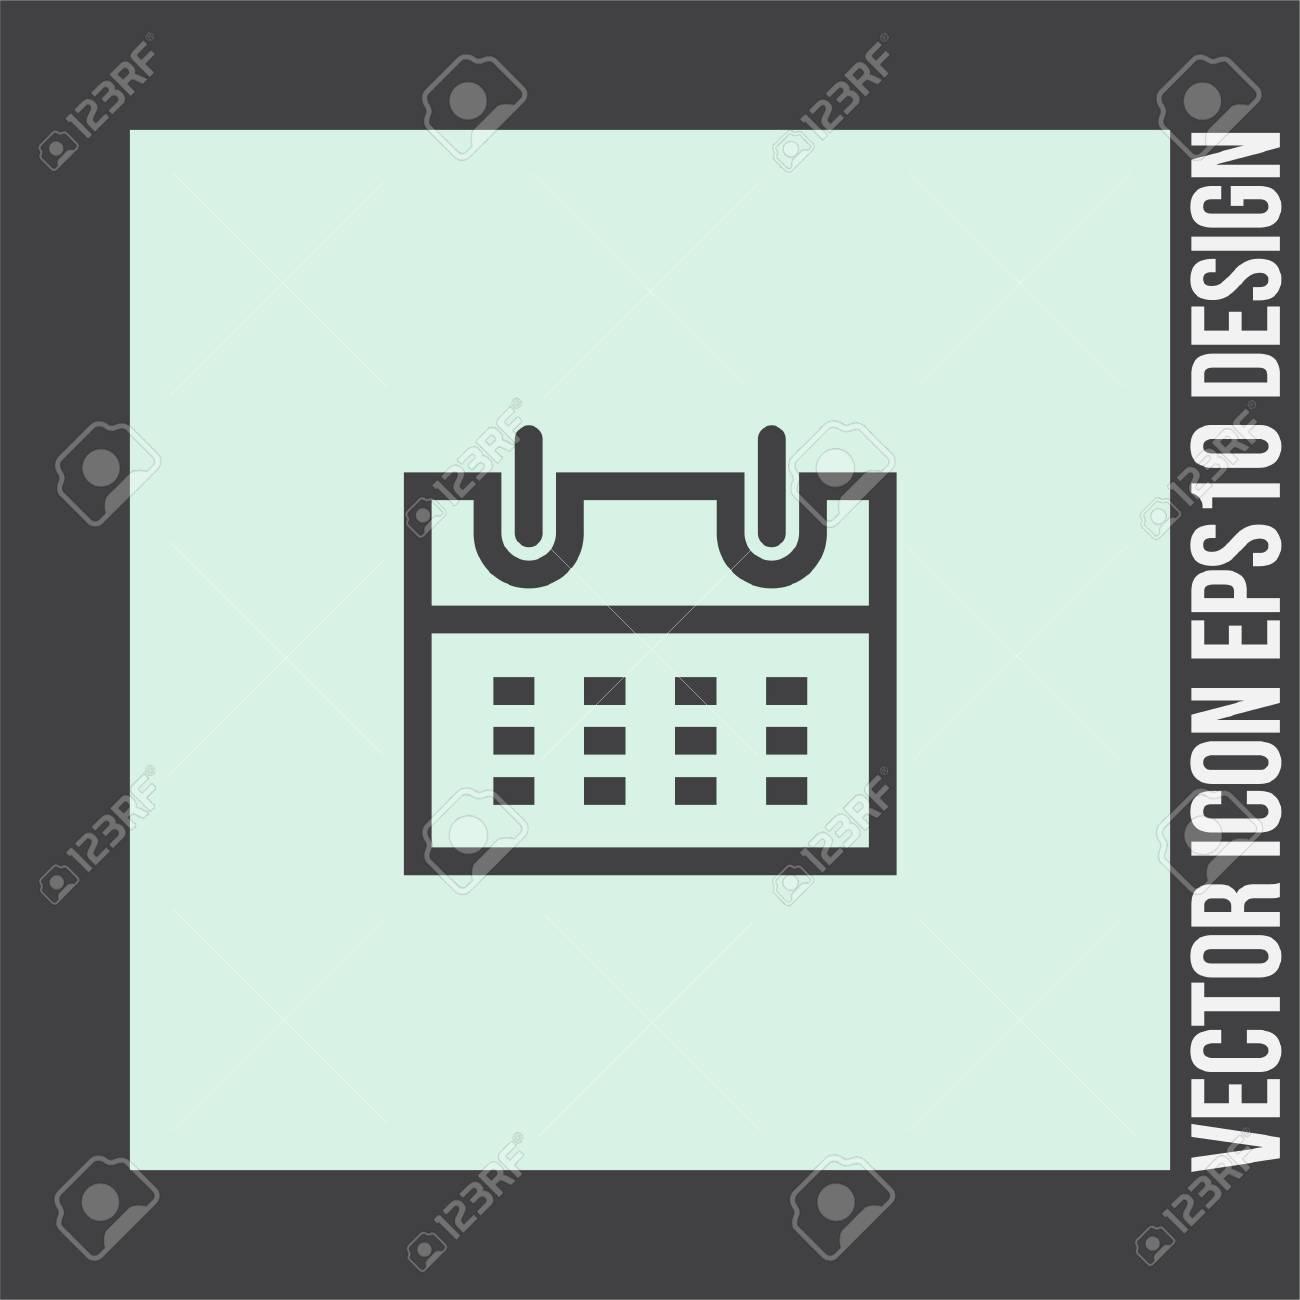 Simbolo Calendario.Icona Del Segno Di Calendario Linea Vettoriale Segno Dell Organizzatore Simbolo Di Promemoria Dell Ufficio